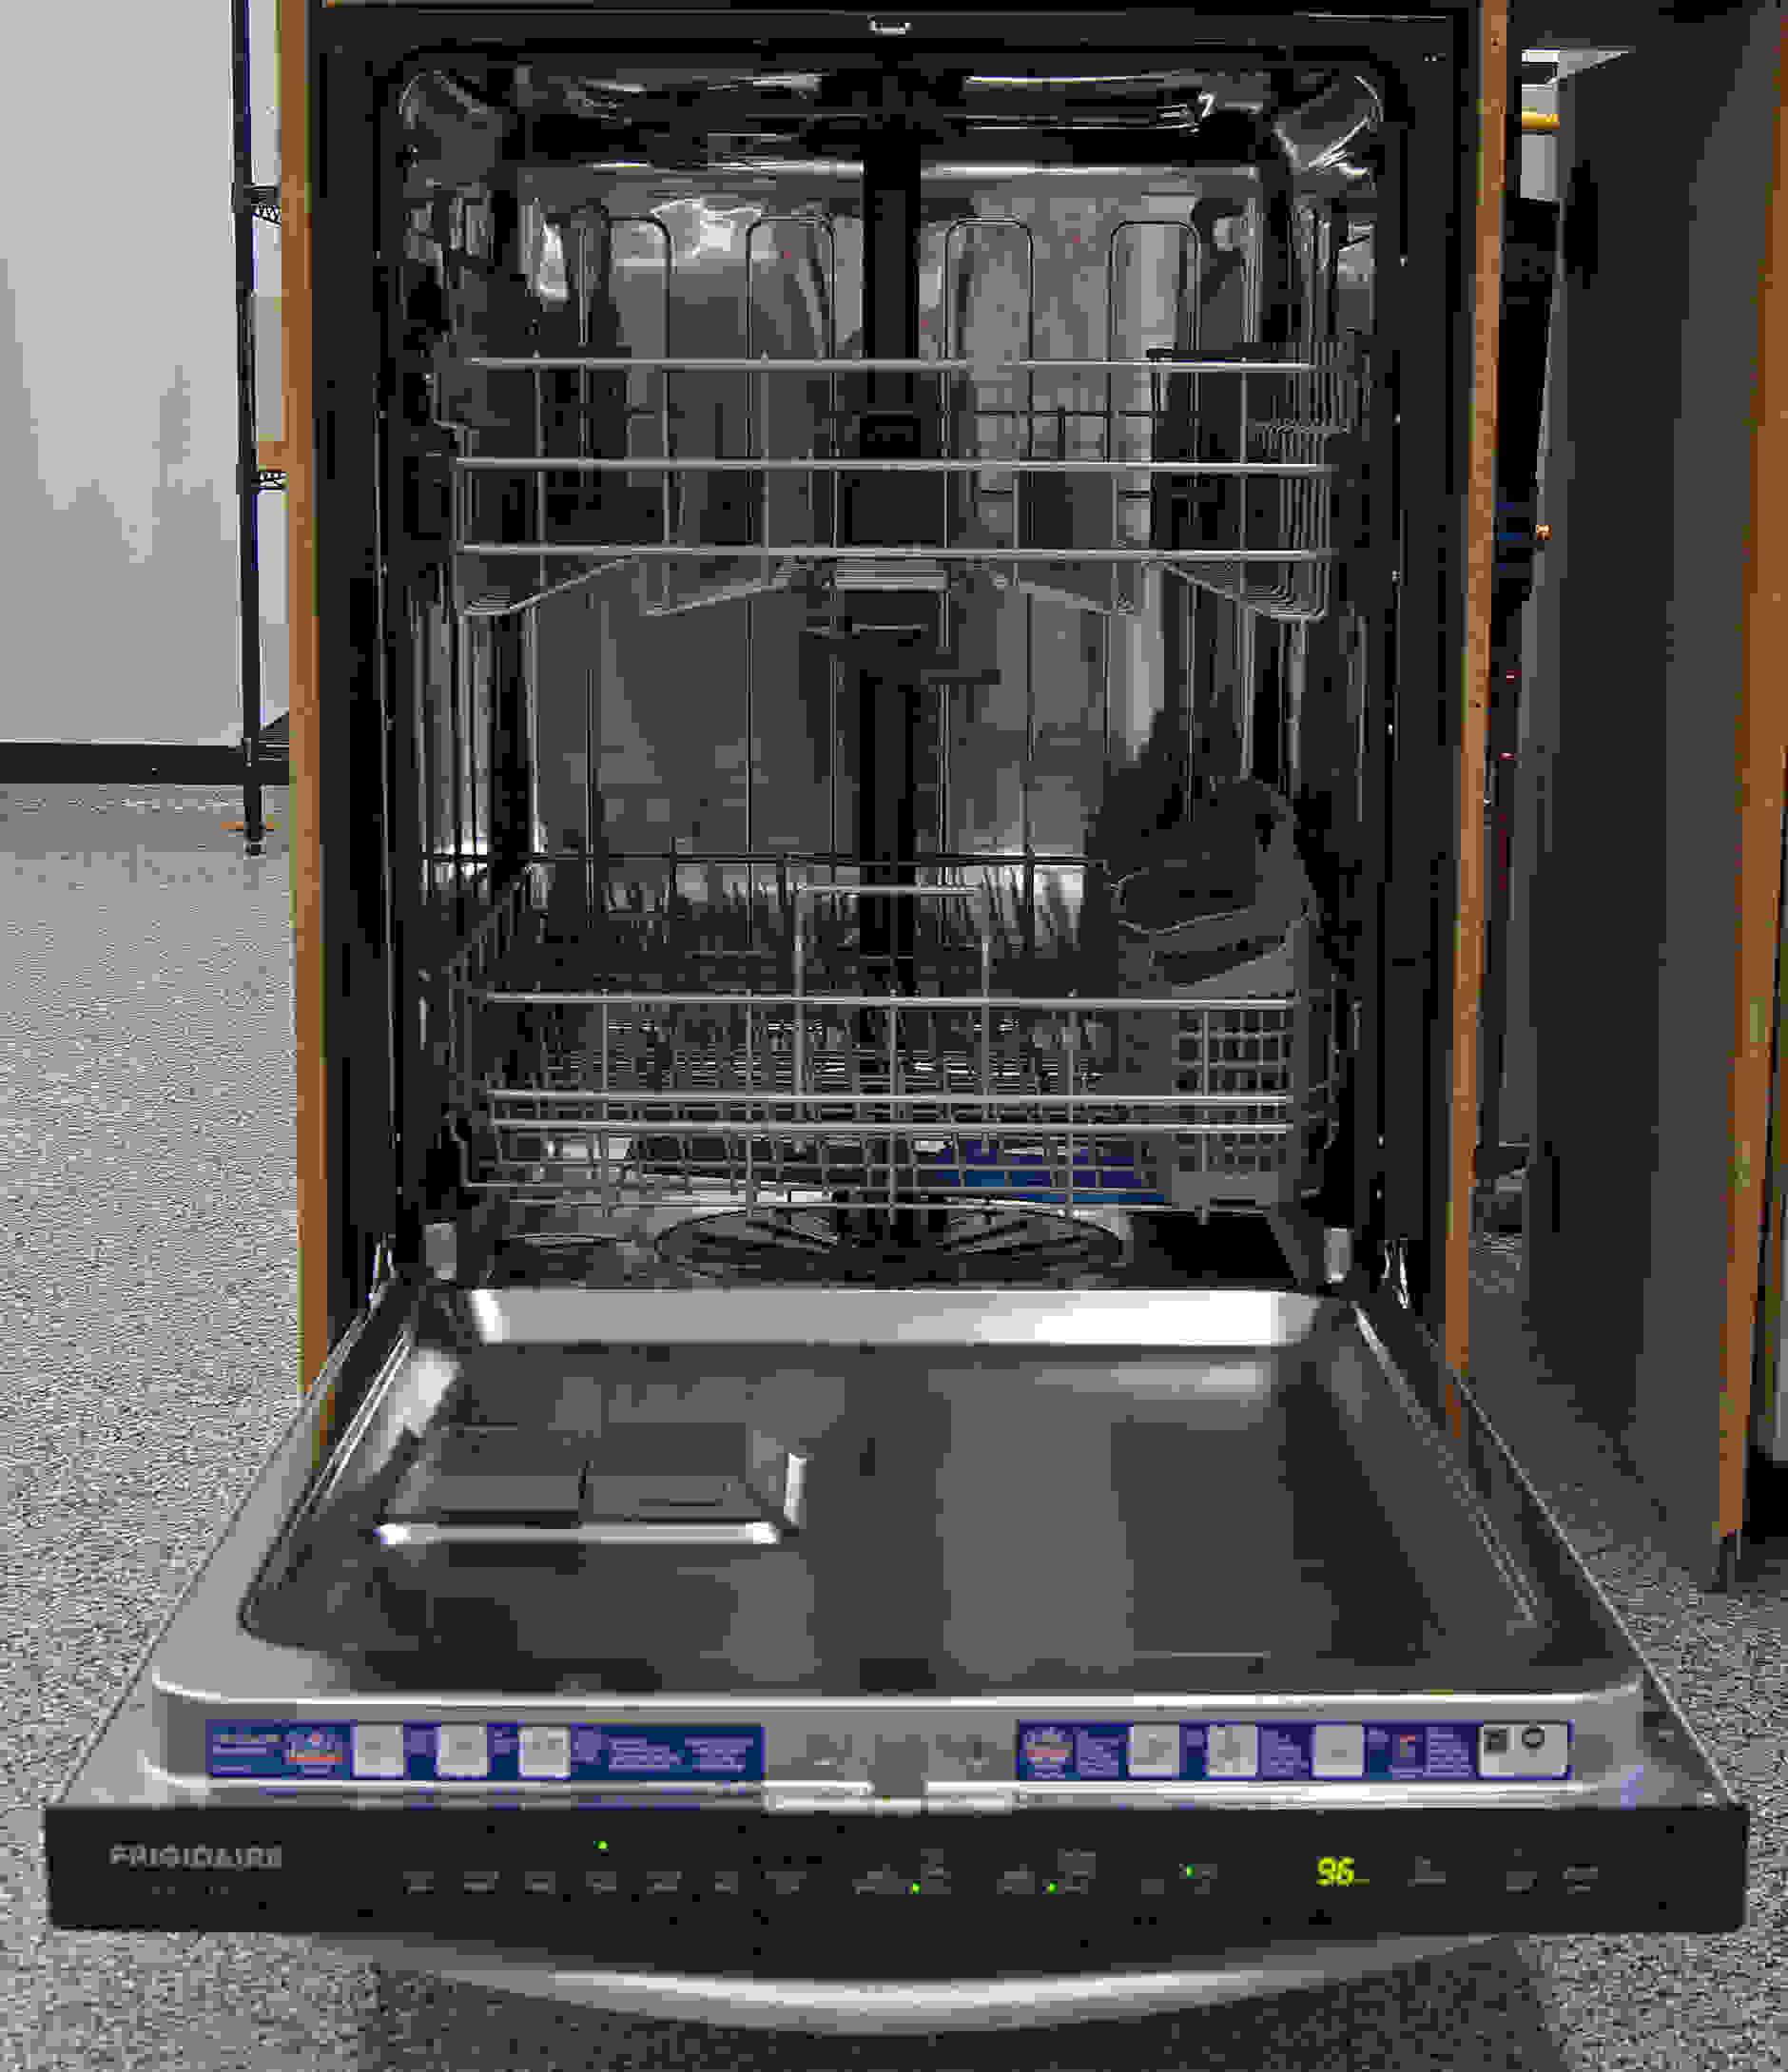 Frigidaire Gallery FGID2474QS interior